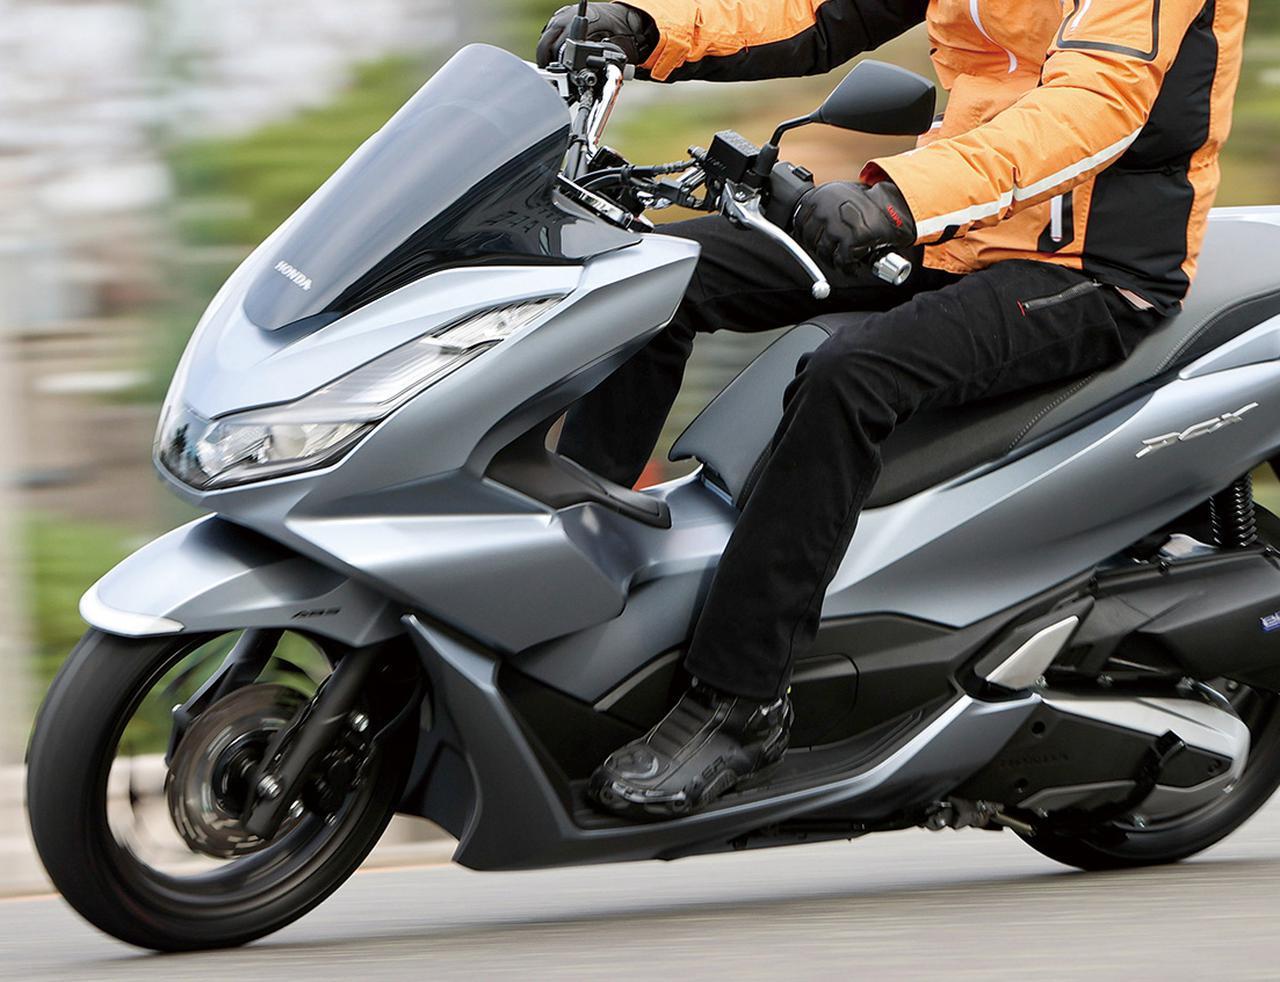 画像: ホンダ「PCX」「PCX160」試乗インプレ/新型PCXシリーズの乗り心地や装備を徹底解説(2021年) - webオートバイ